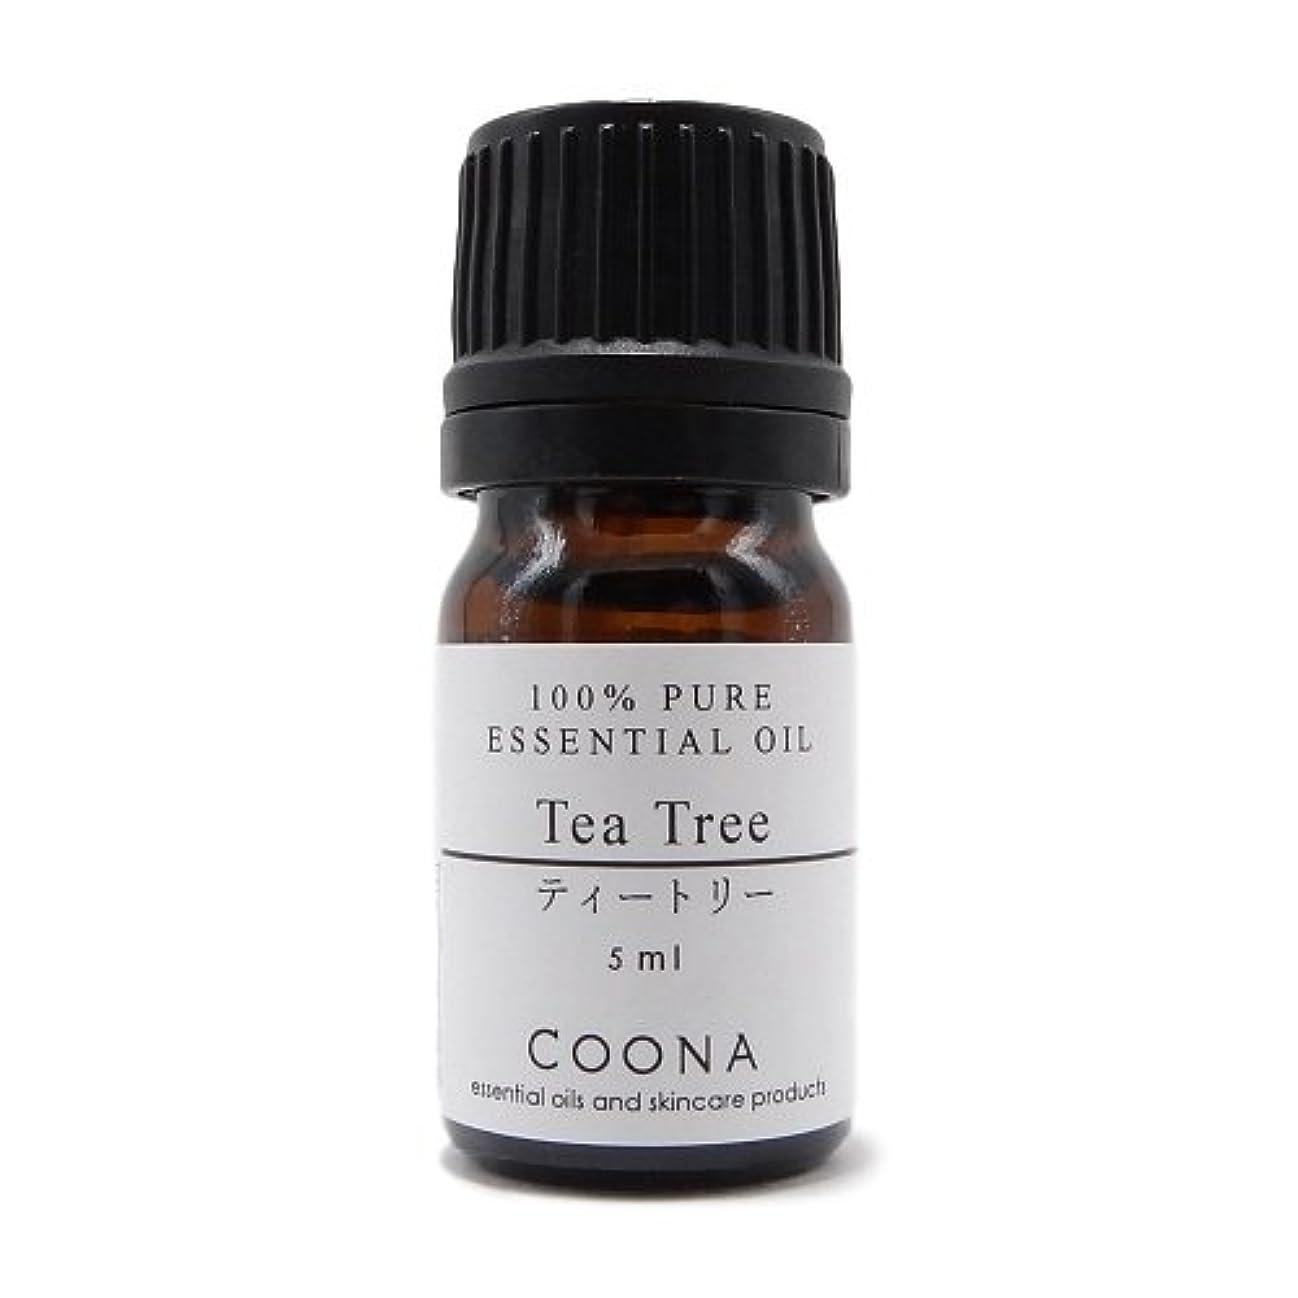 運命的な送信するゆでるティートリー 5 ml (COONA エッセンシャルオイル アロマオイル 100%天然植物精油)